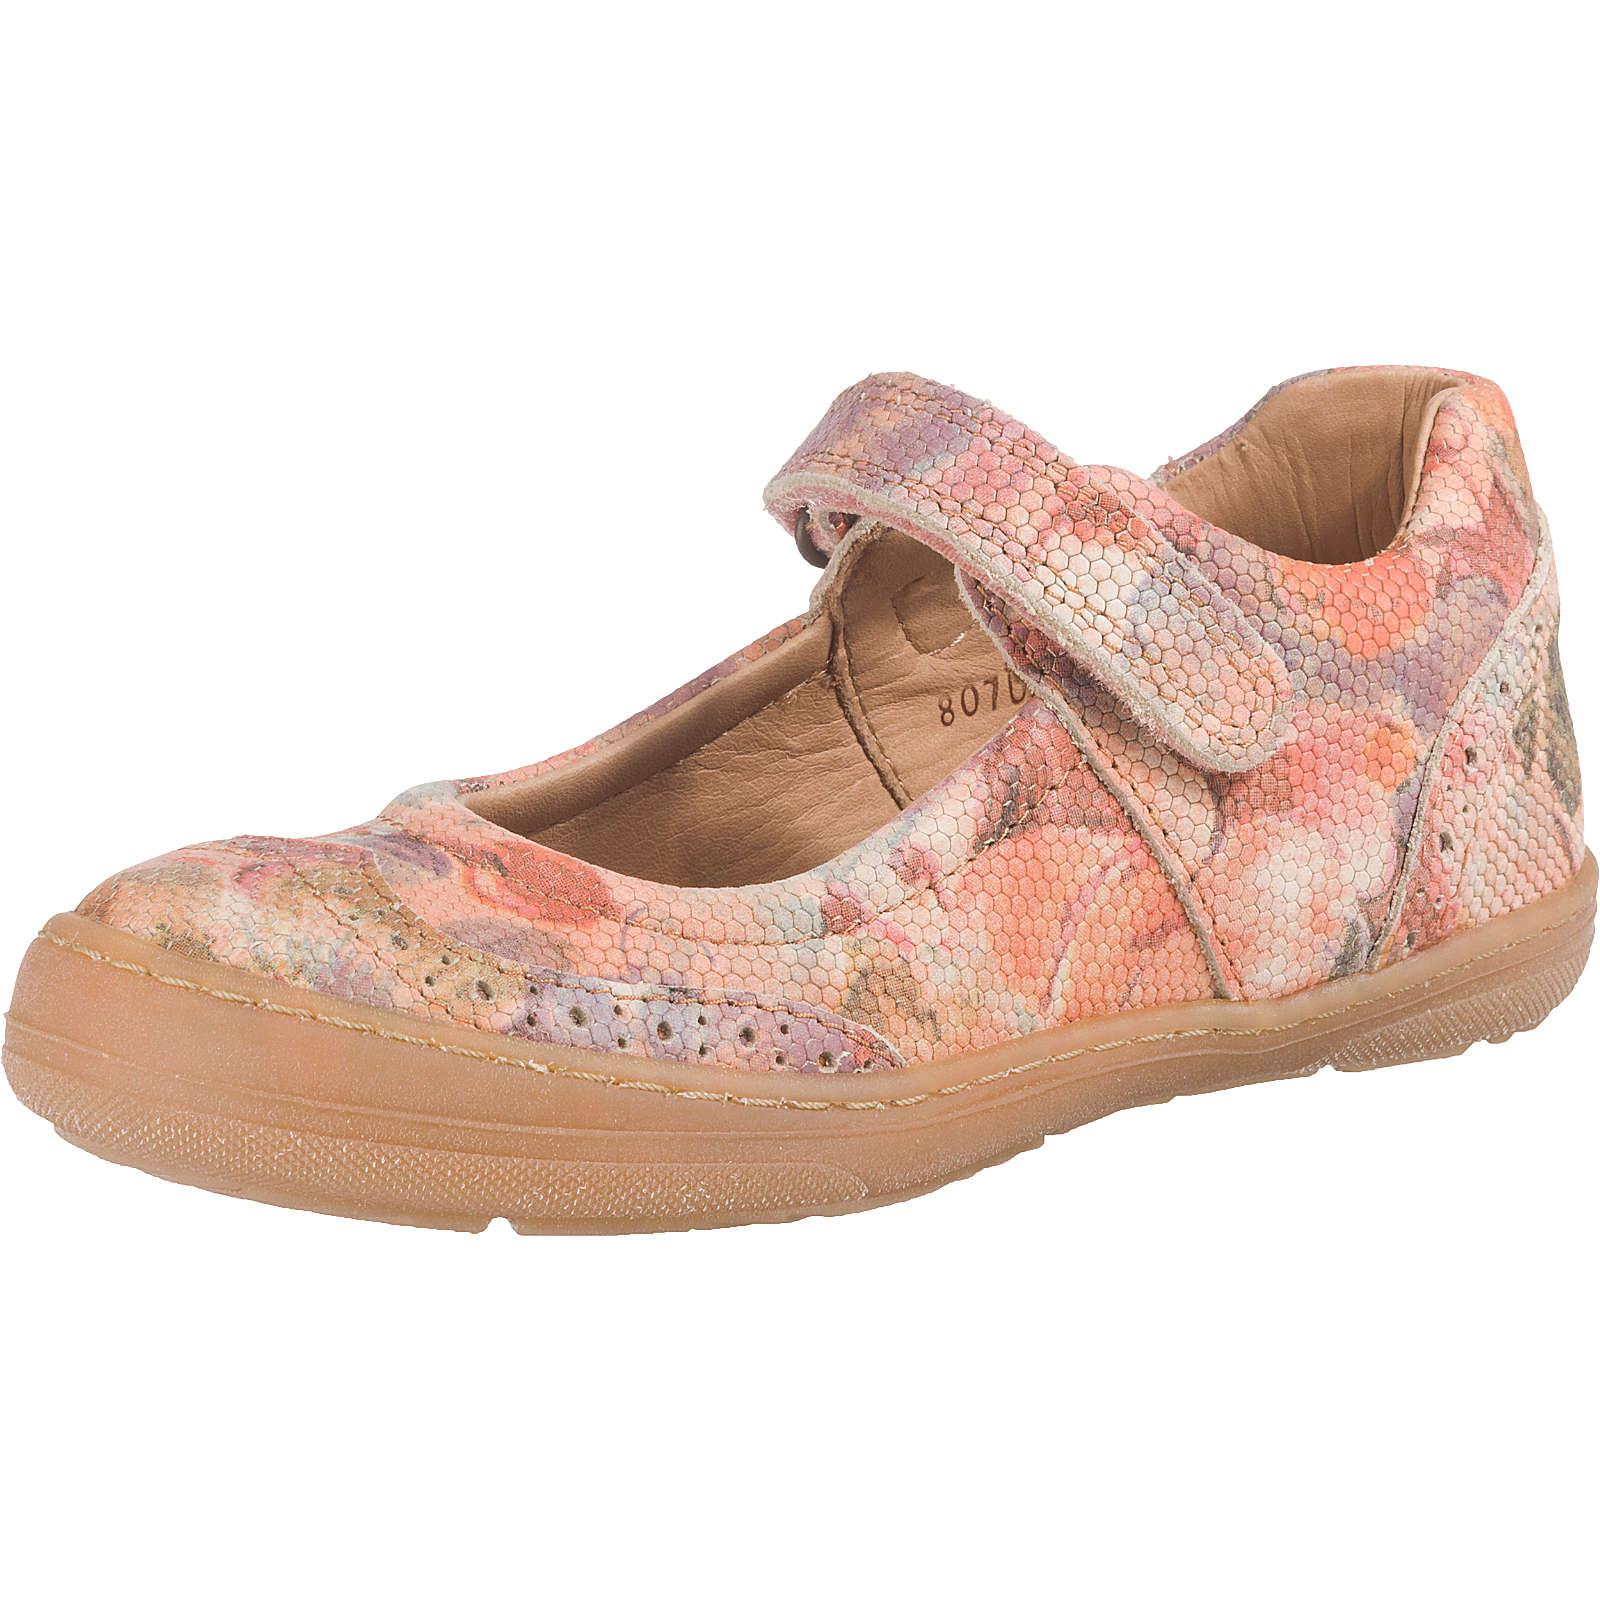 bisgaard Kinder Ballerinas rosa Mädchen Gr. 33